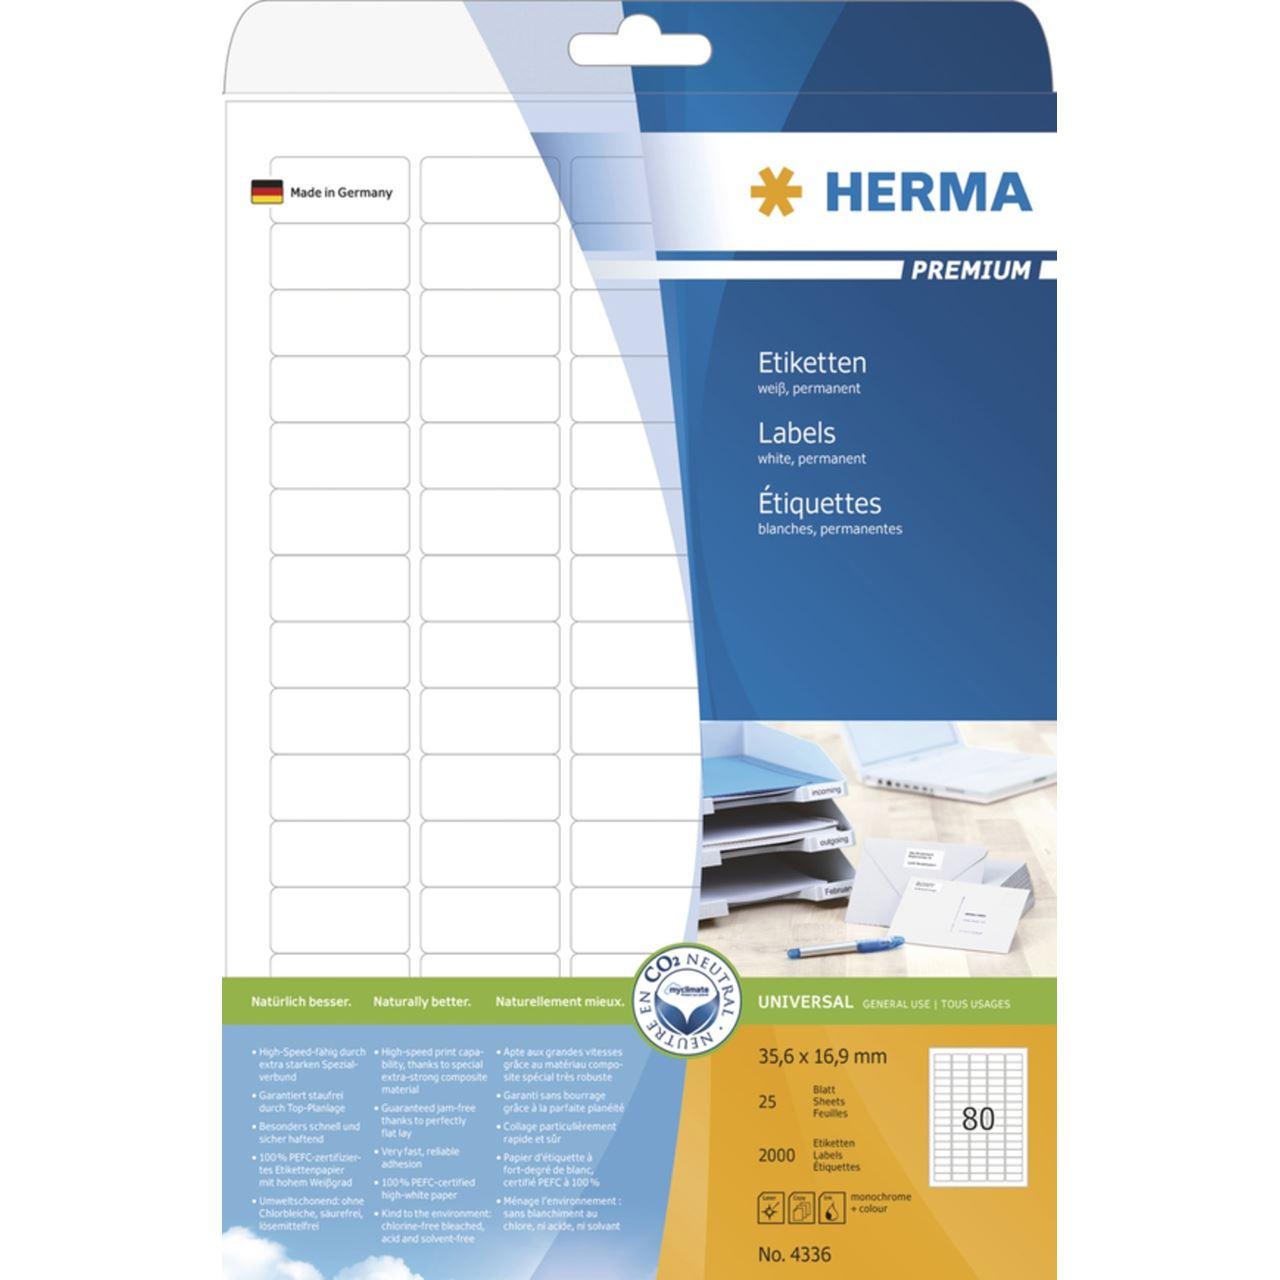 25 Blatt 2000 Etiketten Herma 4336 Premium Universal-Etiketten 3.56x1.69 cm